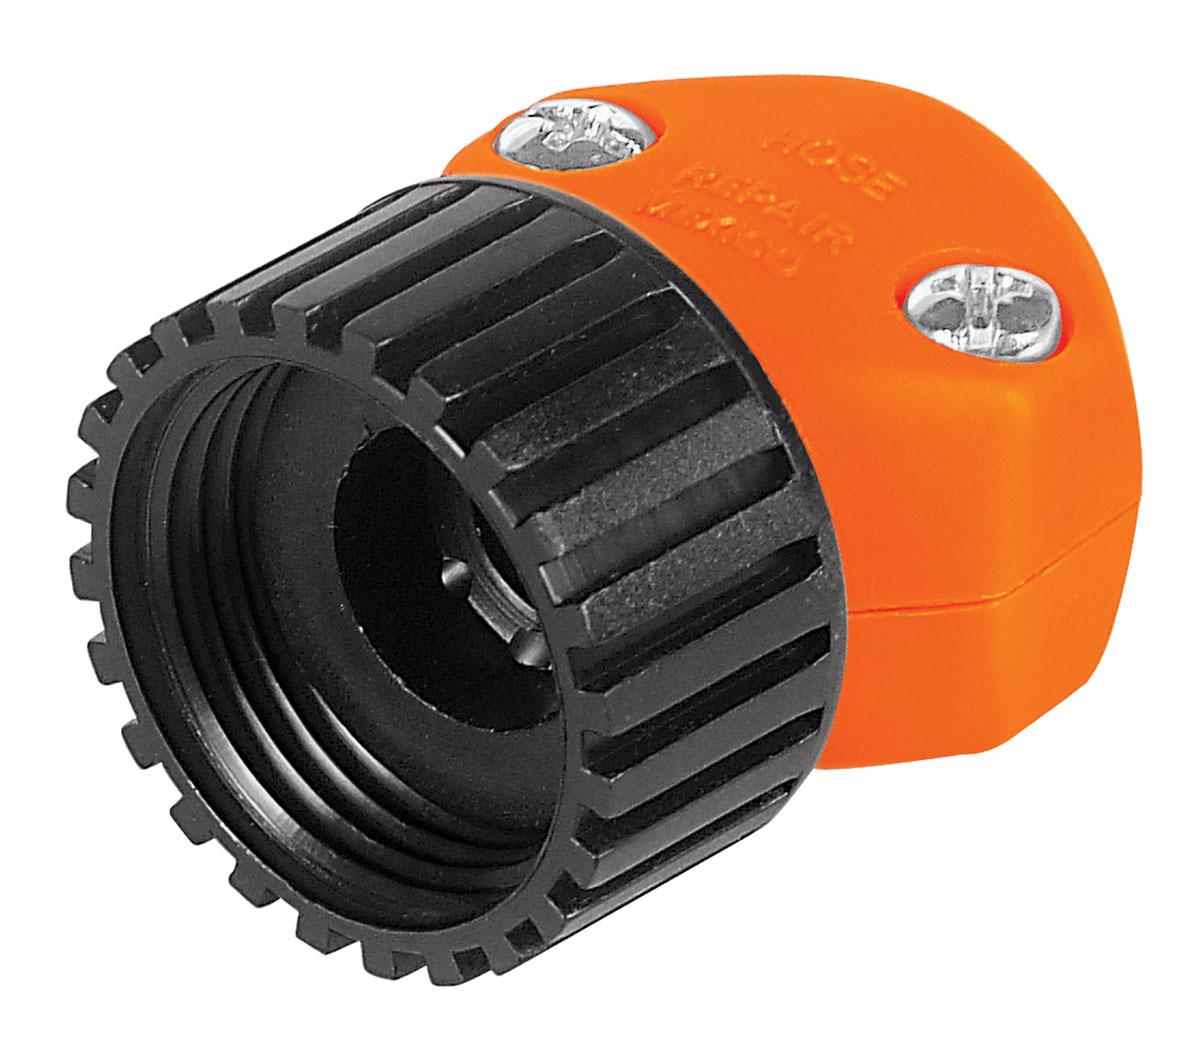 Коннектор ремонтный для шланга Truper, пластиковый, мама, 1/277295Шланговый коннектор Truper, выполненный из пластика, предназначен для быстрого и многократного присоединения и отсоединения шланга к насадкам или крану. Тип соединения мама.